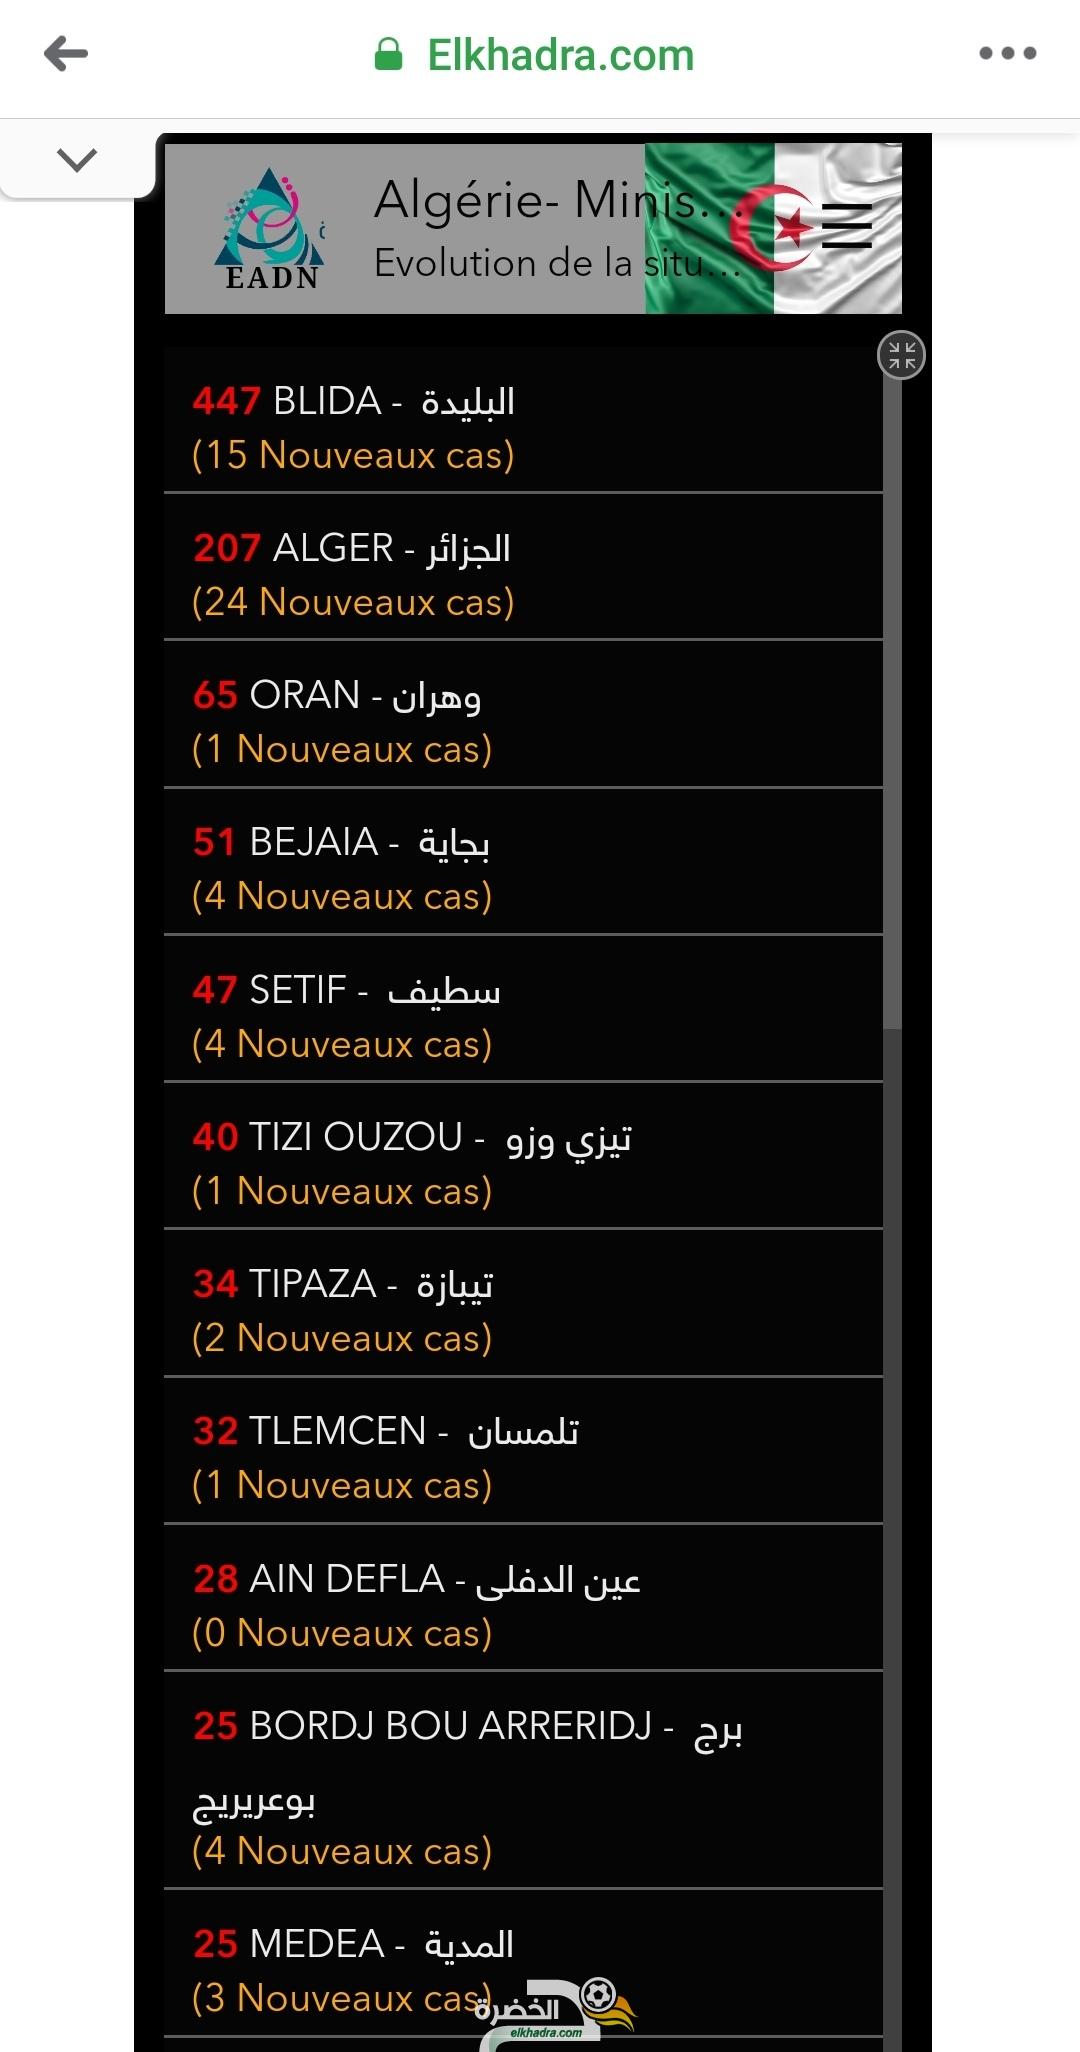 قائمة وحالات الاصابة بفيروس كورونا بالجزائر حسب الولايات اليوم السبت 4 أفريل 2020 29